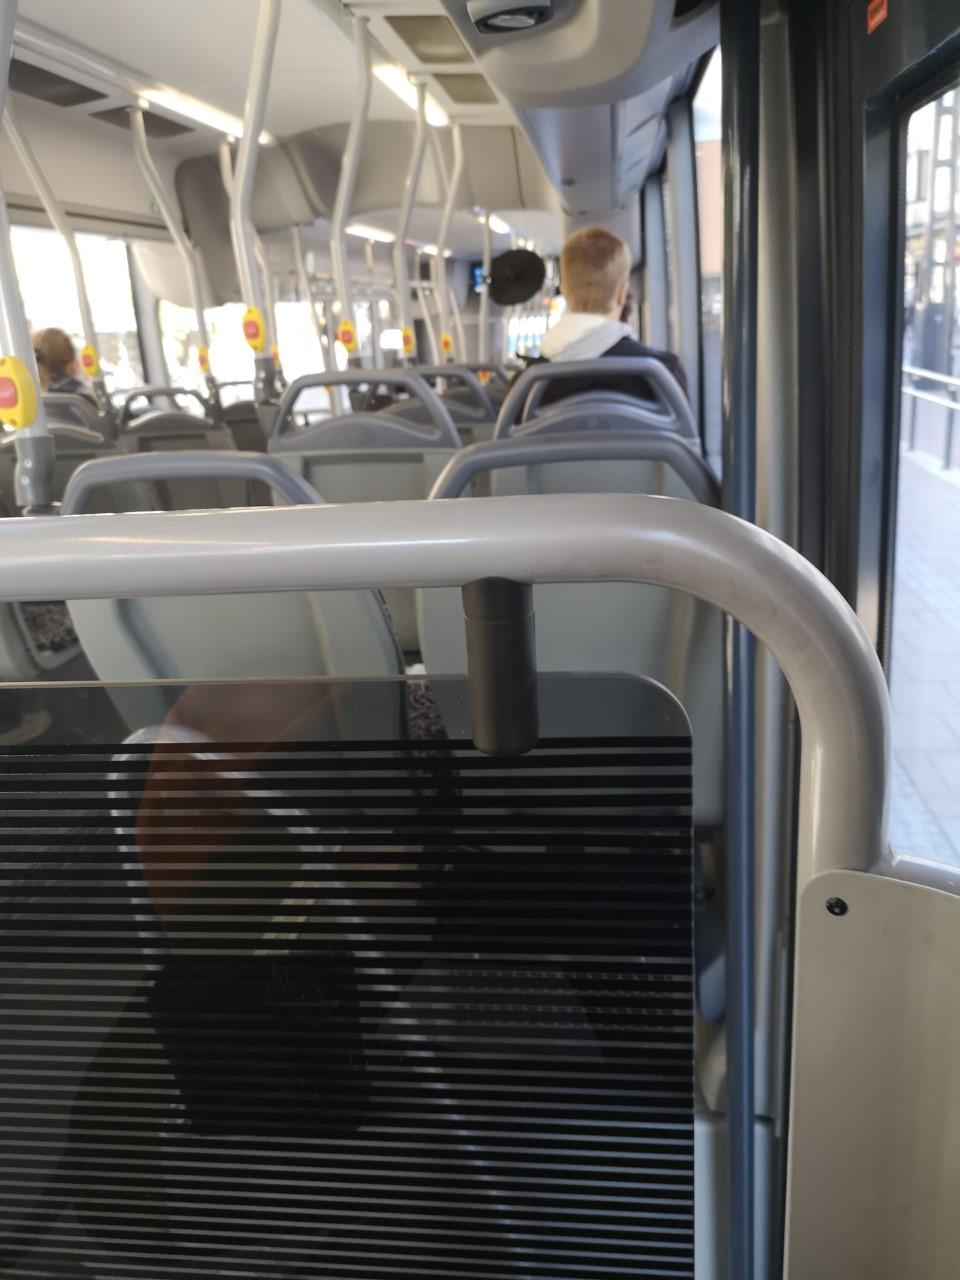 TKL, Nysse, julkinen liikenne, bussi, Santeri Kärki, Kuntavaalit 2021, Tampere